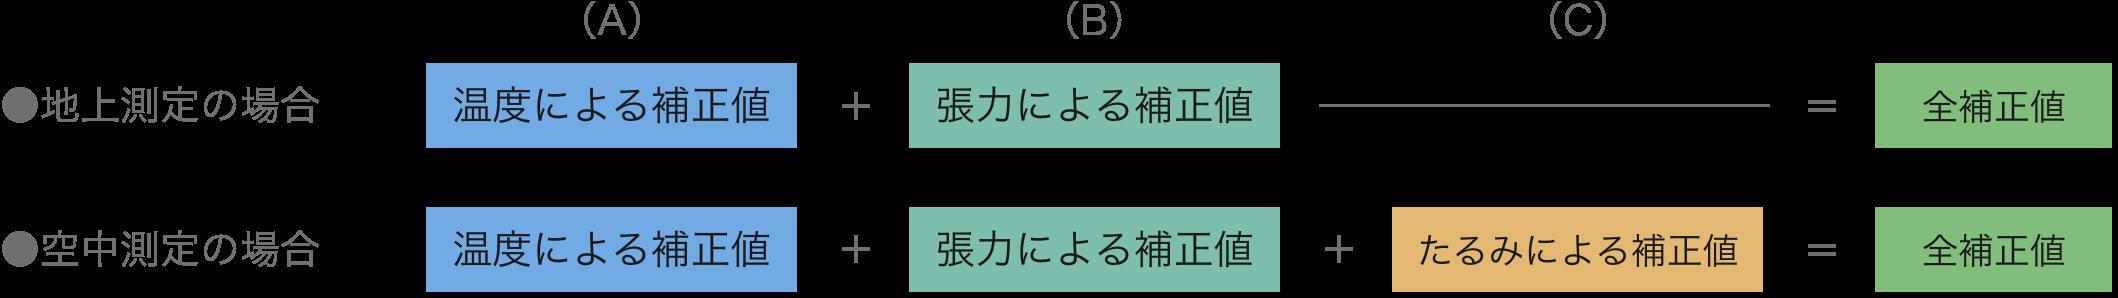 補正する3つの条件 計算式